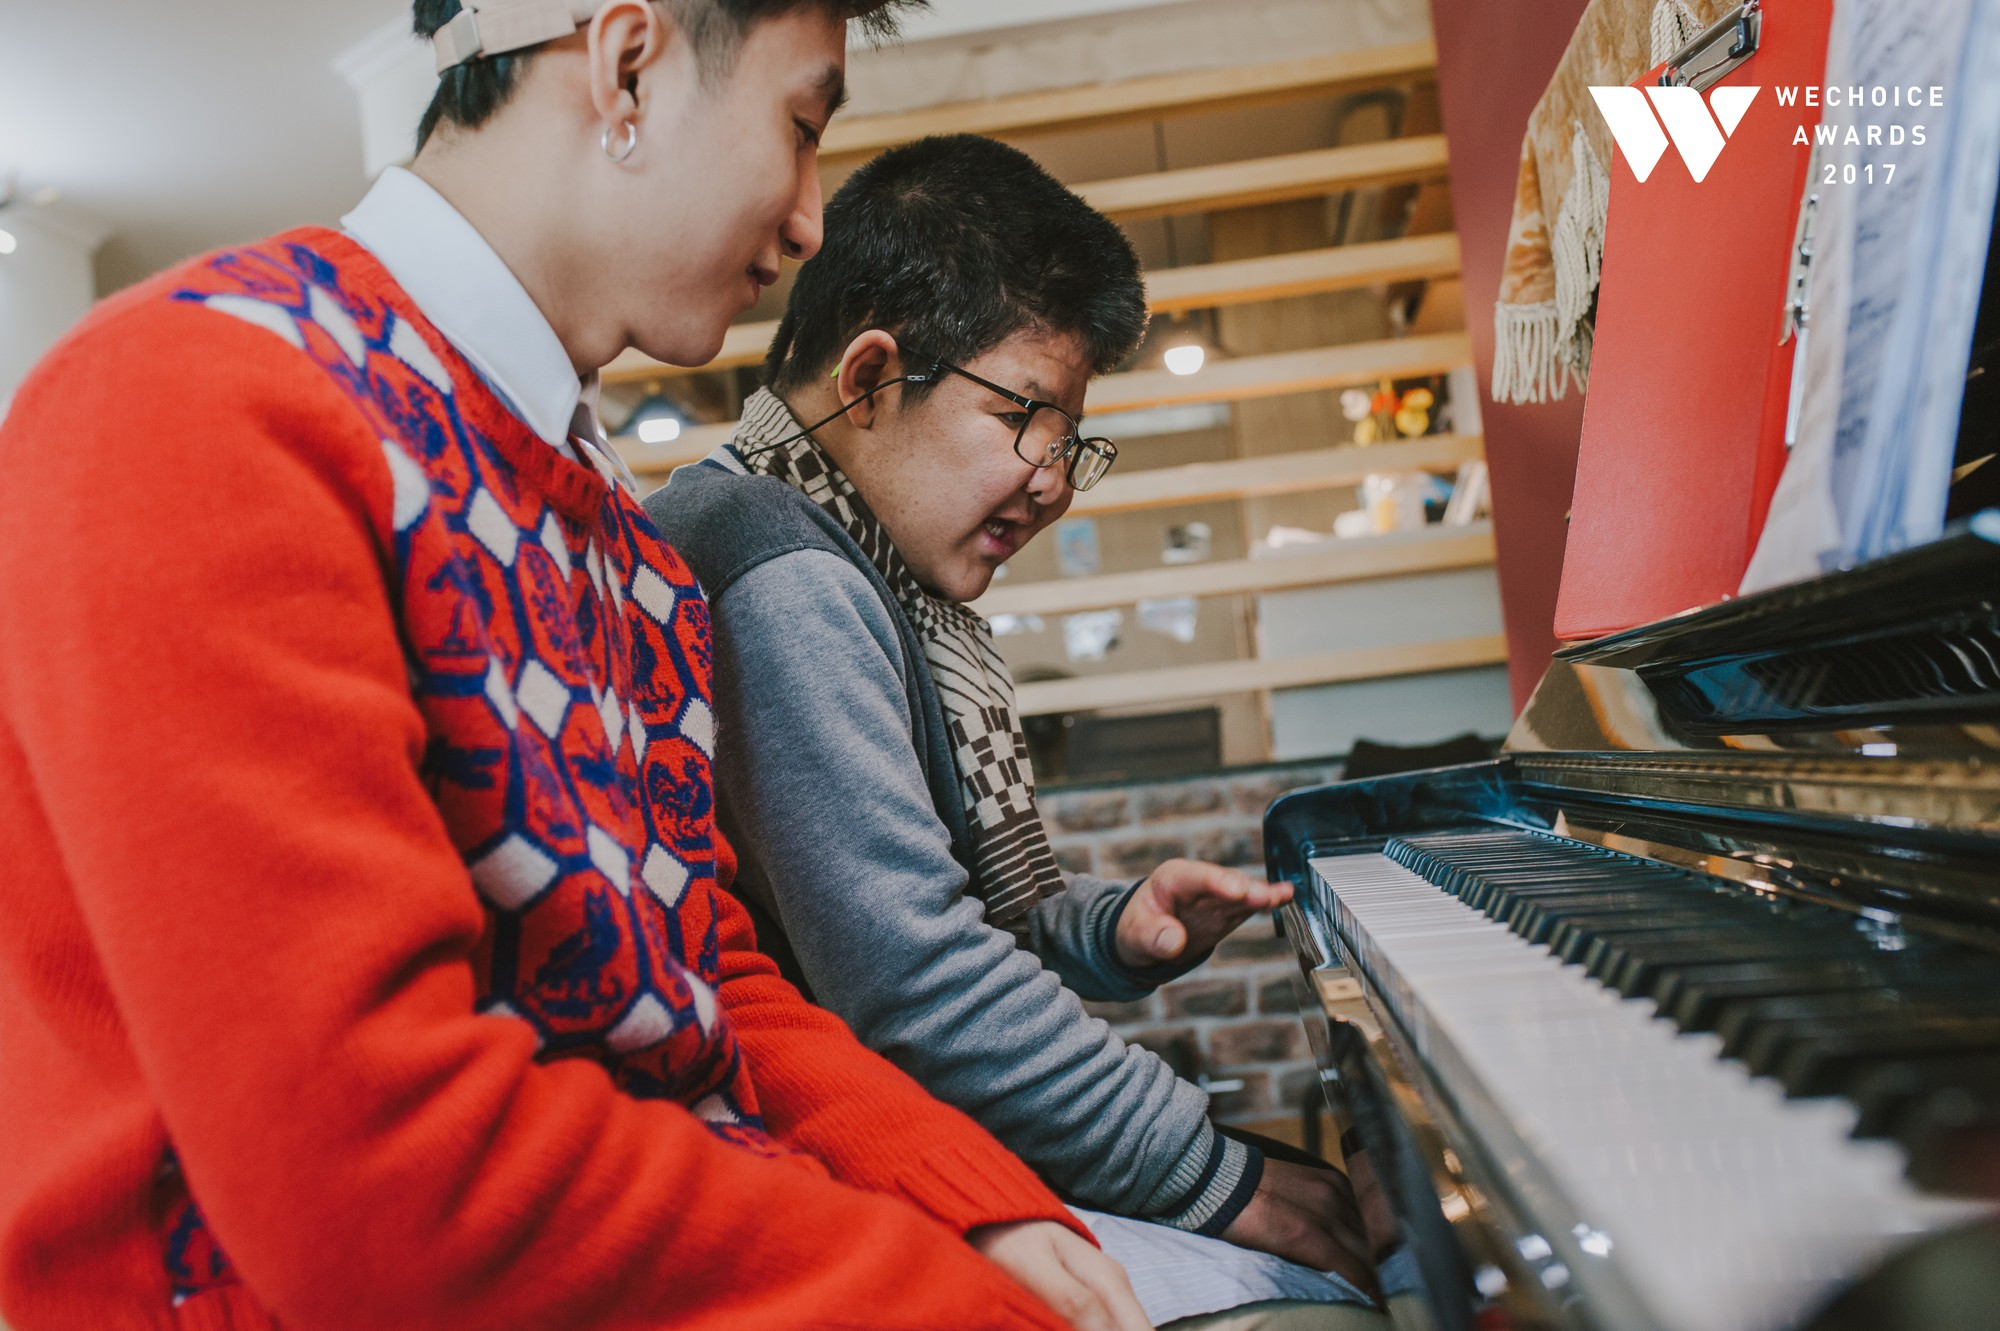 Khoảnh khắc đẹp: Sơn Tùng và bé Bôm hoà chung đam mê qua tiếng đàn, tập luyện cho sân khấu đặc biệt Gala WeChoice Awards 2017 - Ảnh 18.